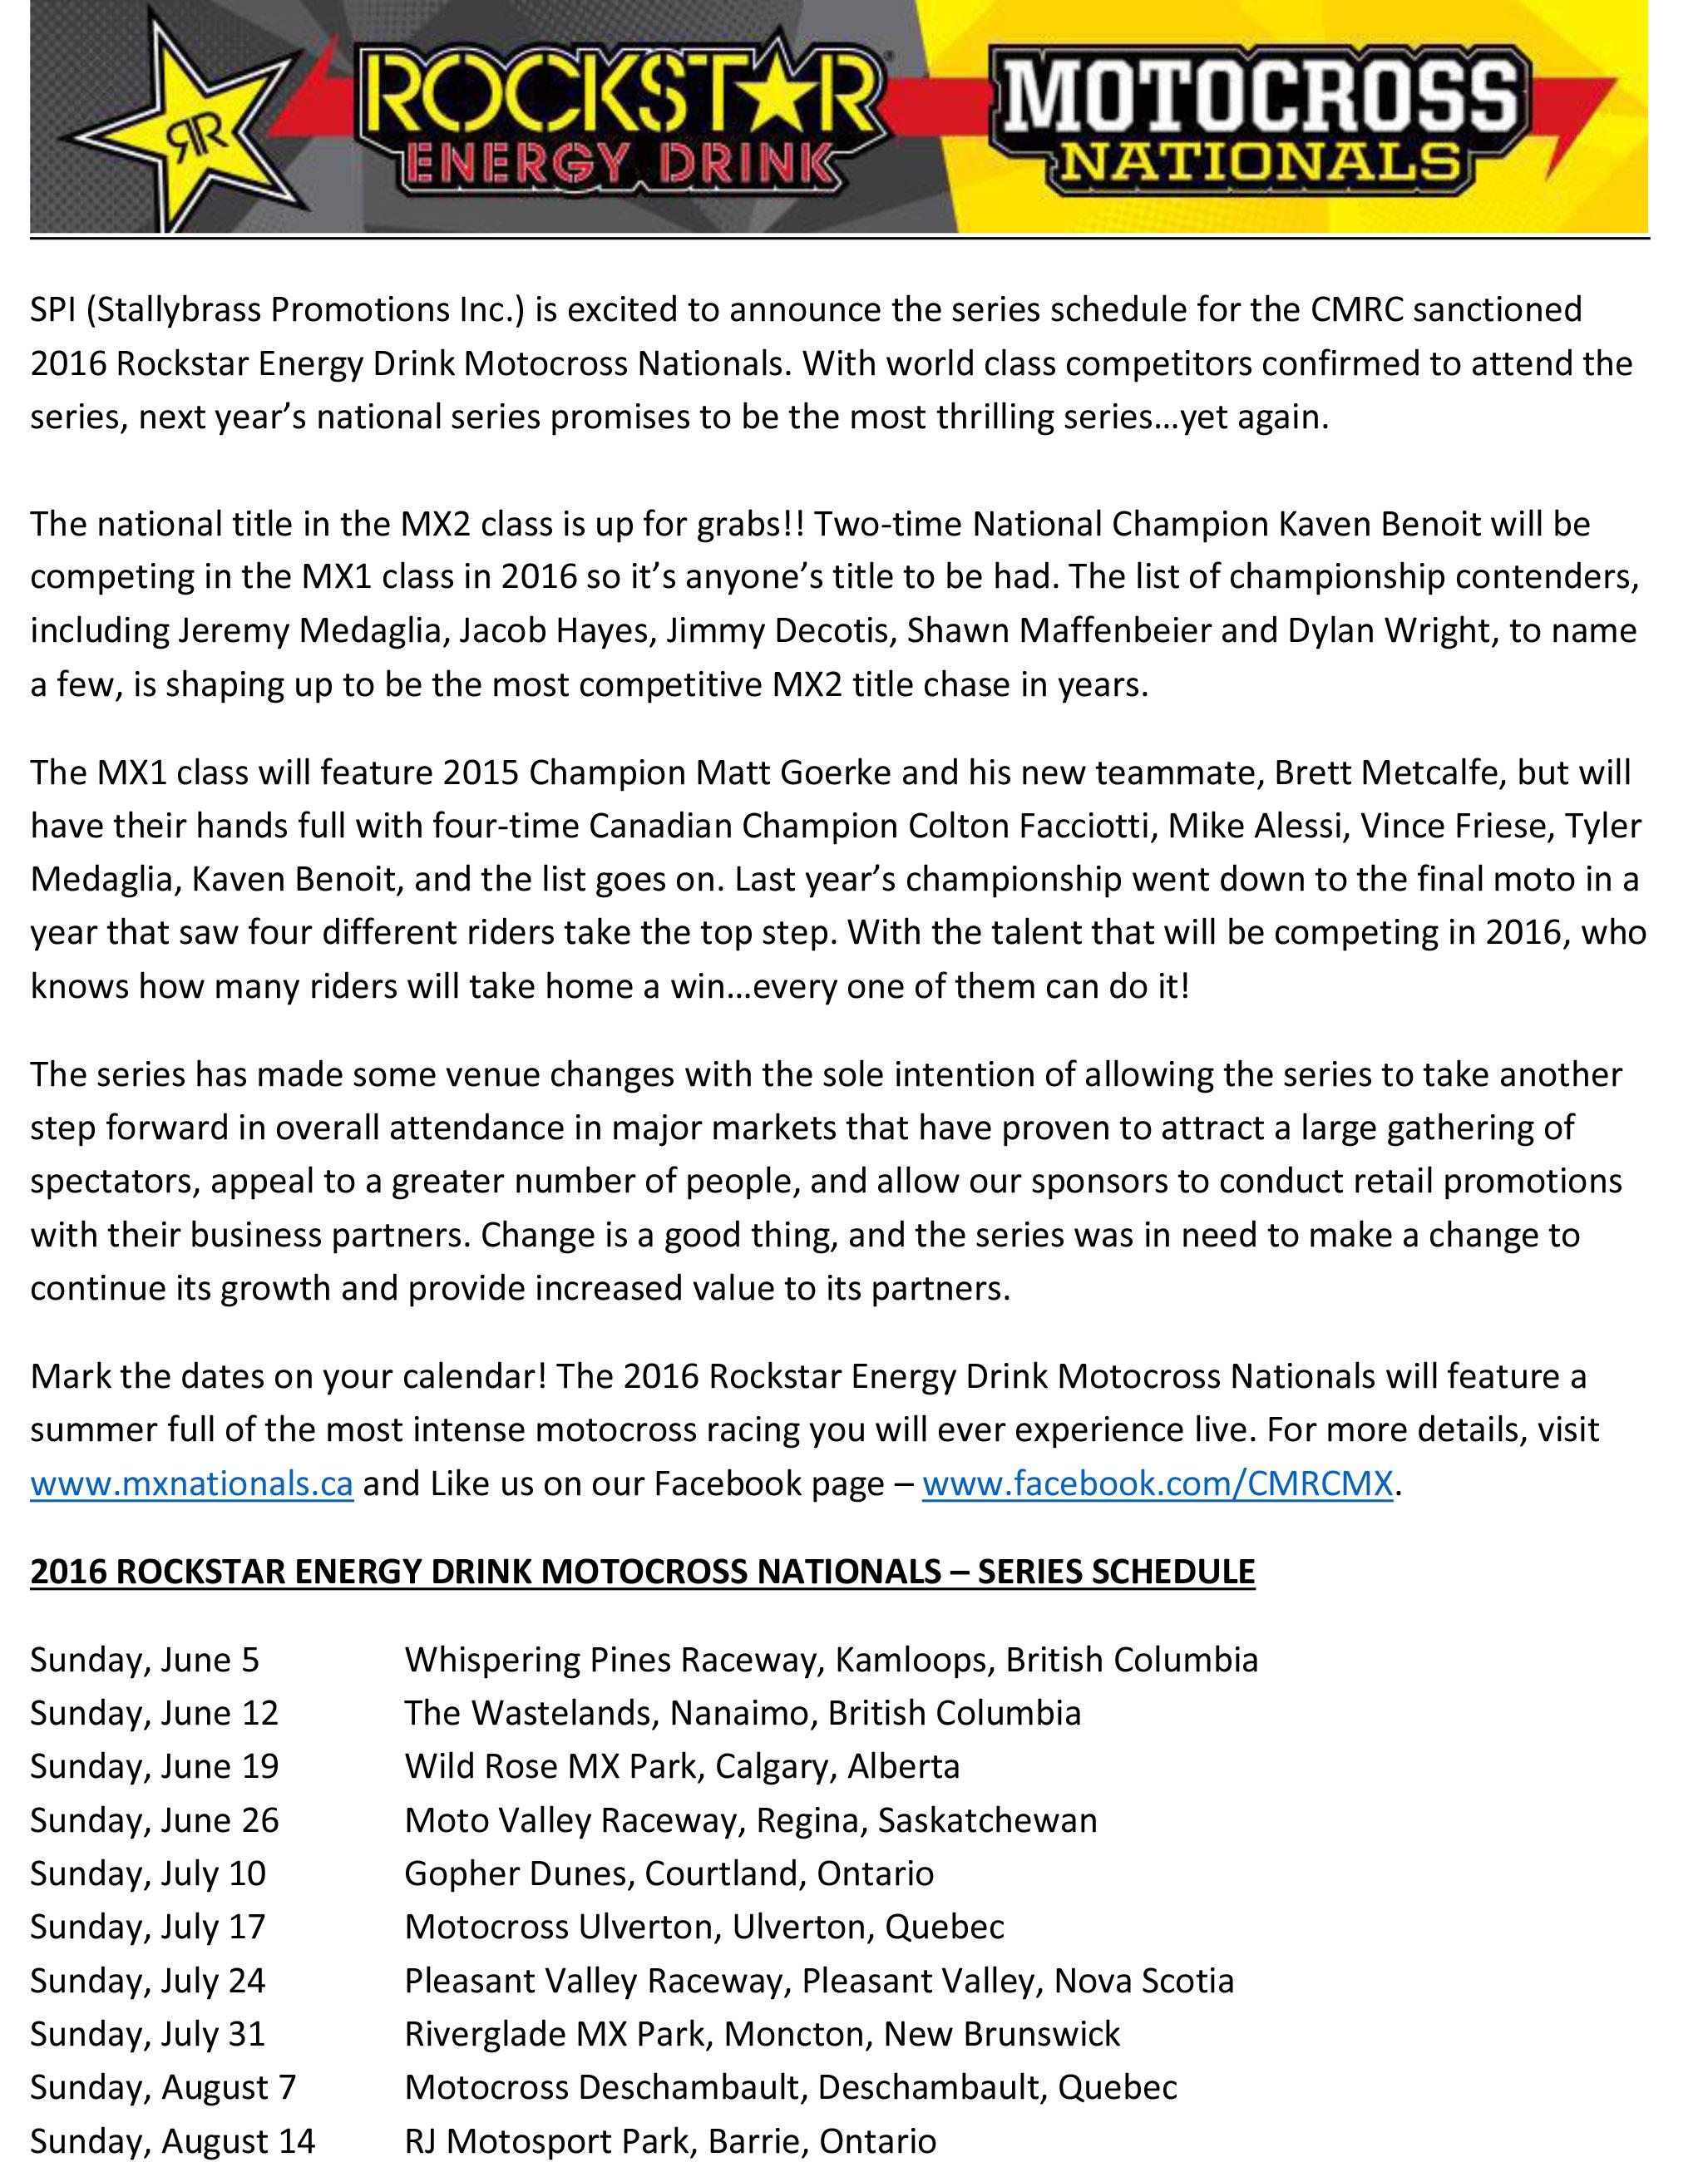 2016 National Schedule PR